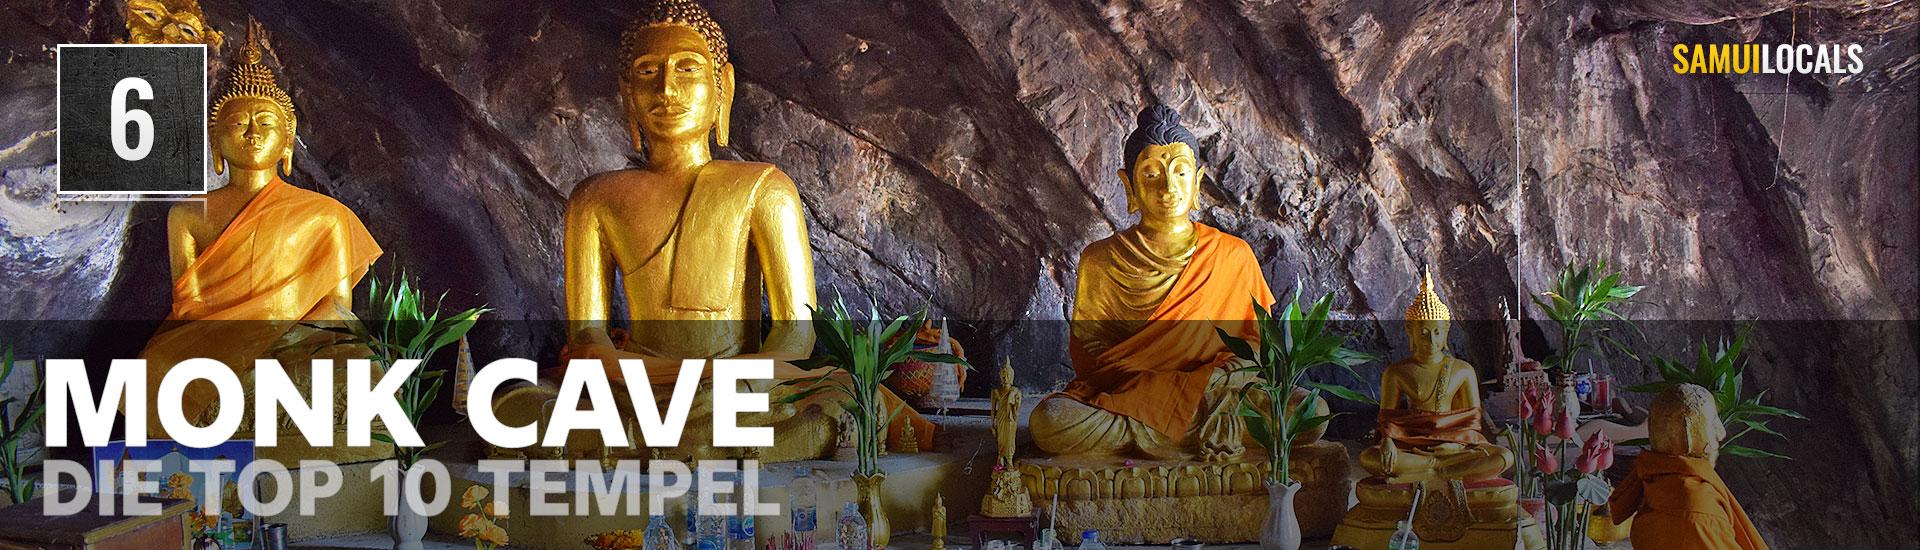 top_10_tempel_monk_cave